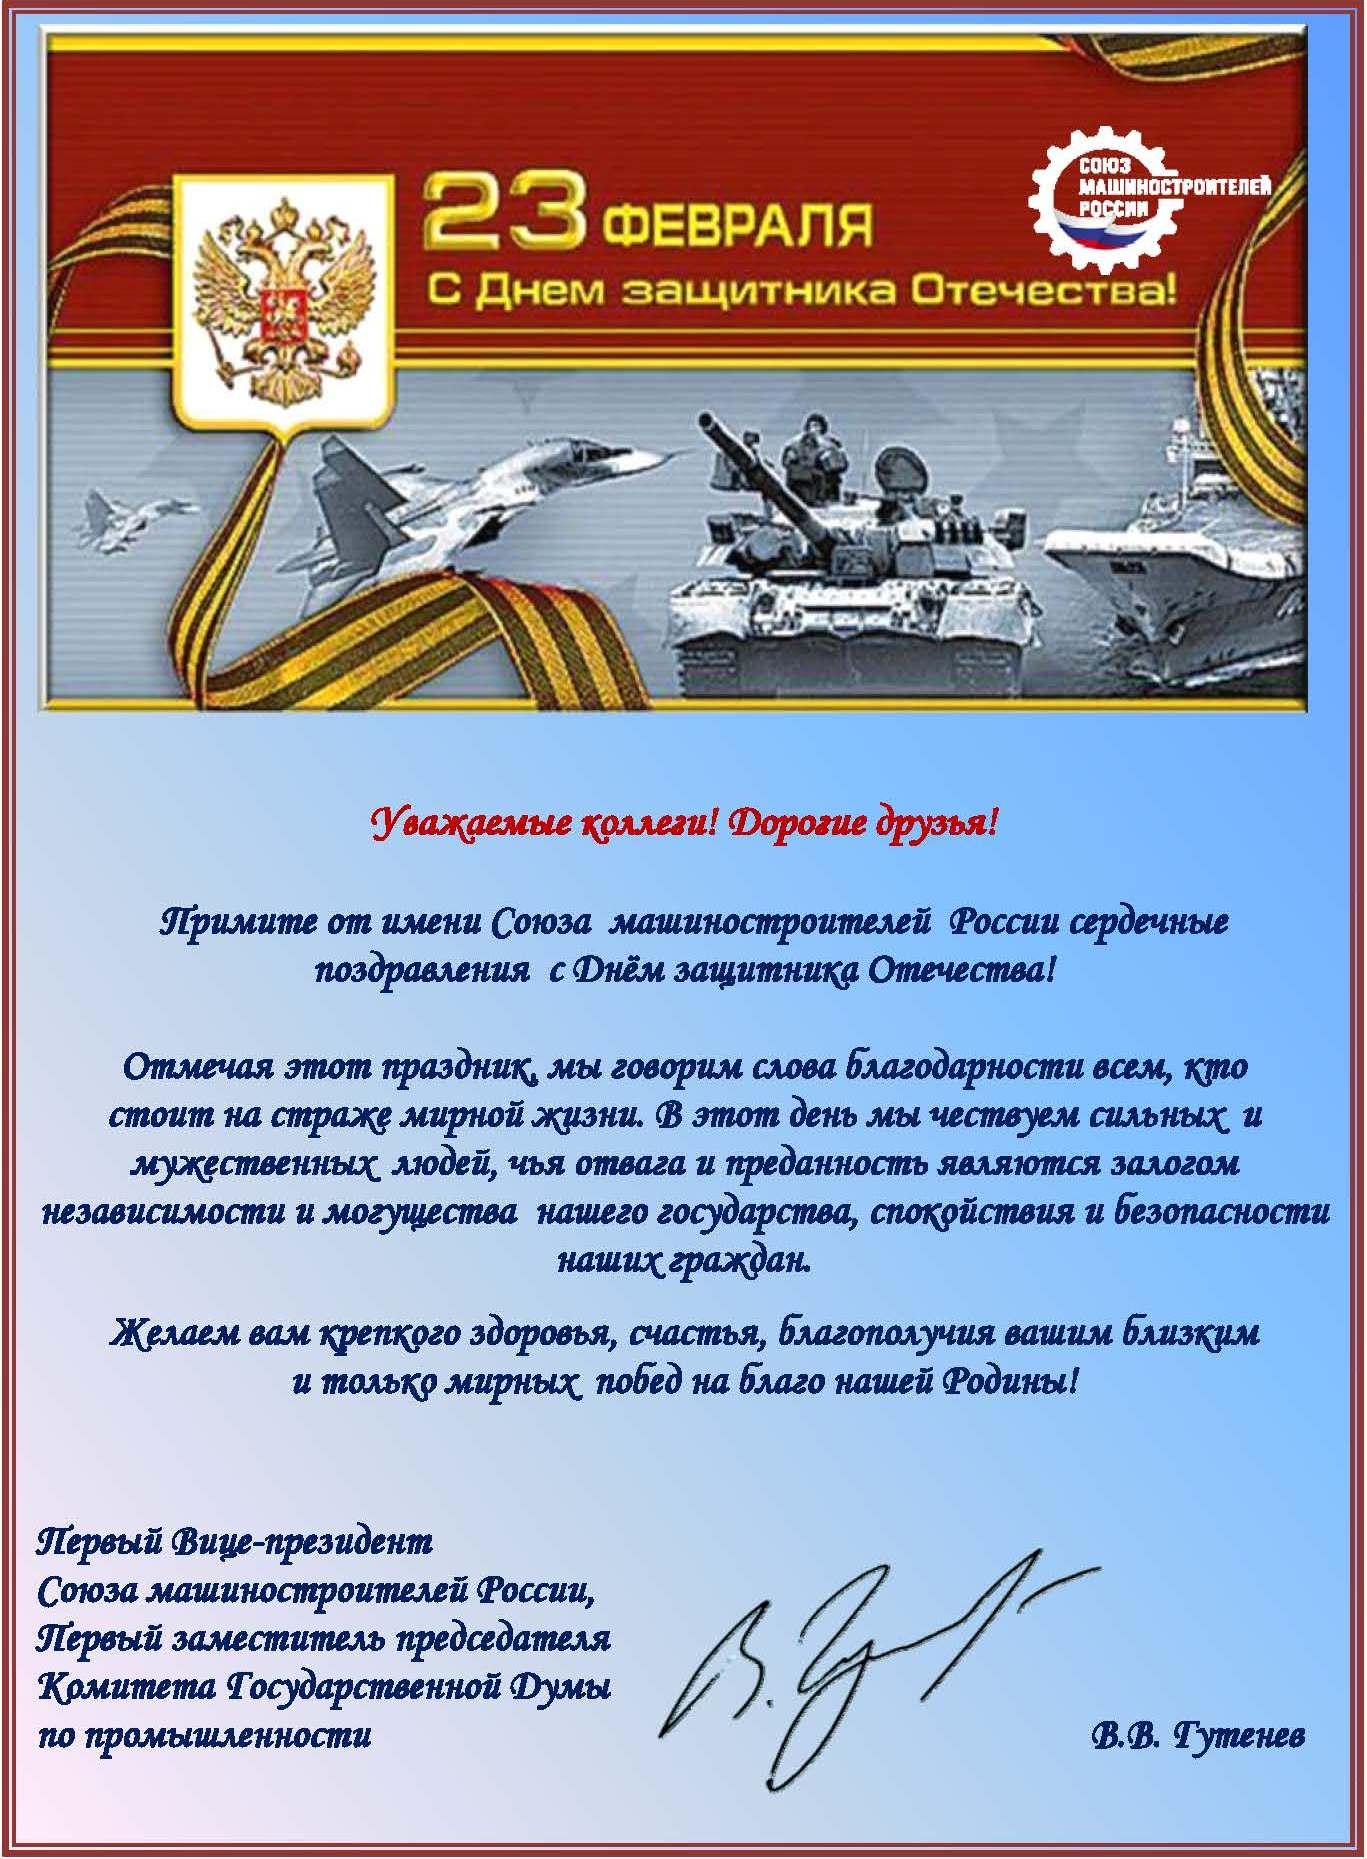 Официальные поздравления с днем защитника отечества официальные в прозе